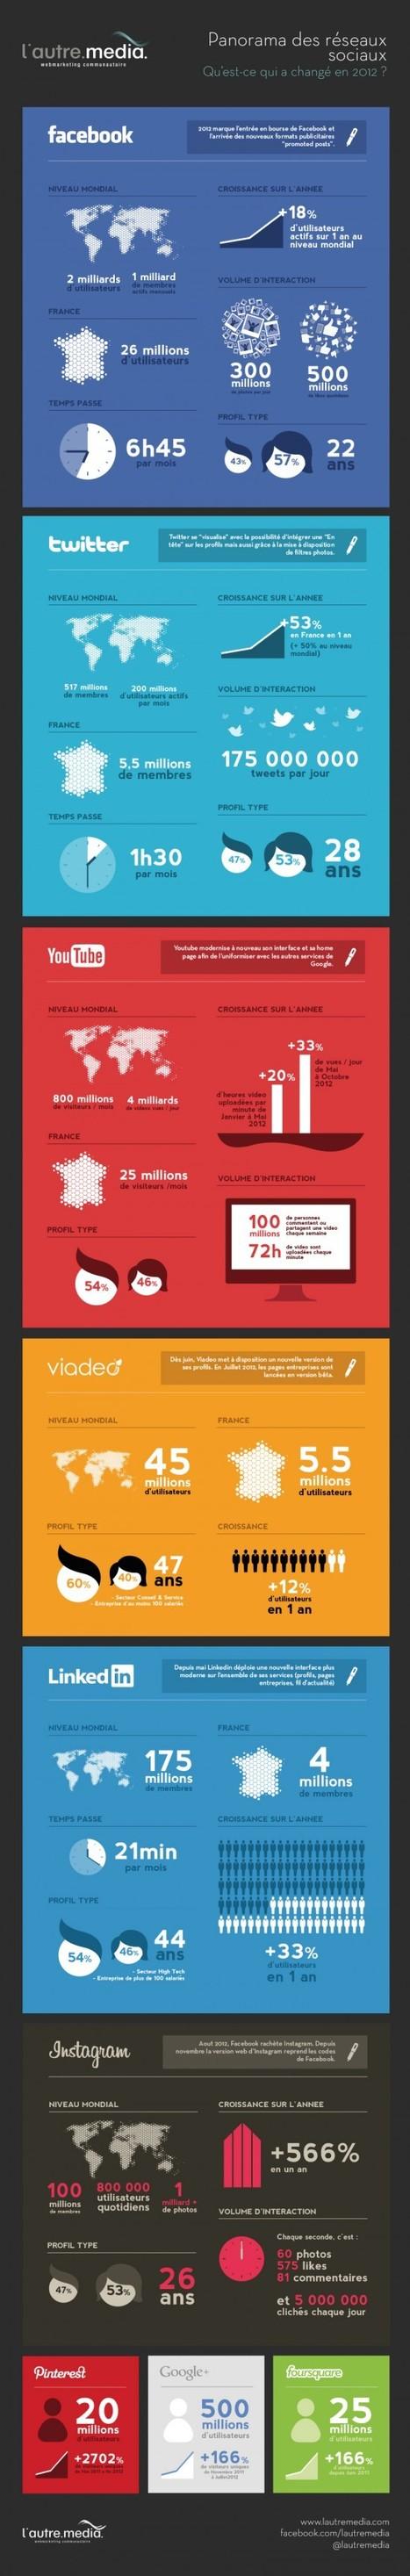 [Infographie] Panorama des réseaux sociaux en France et dans le monde | Wall Of Frames | Scoop.it